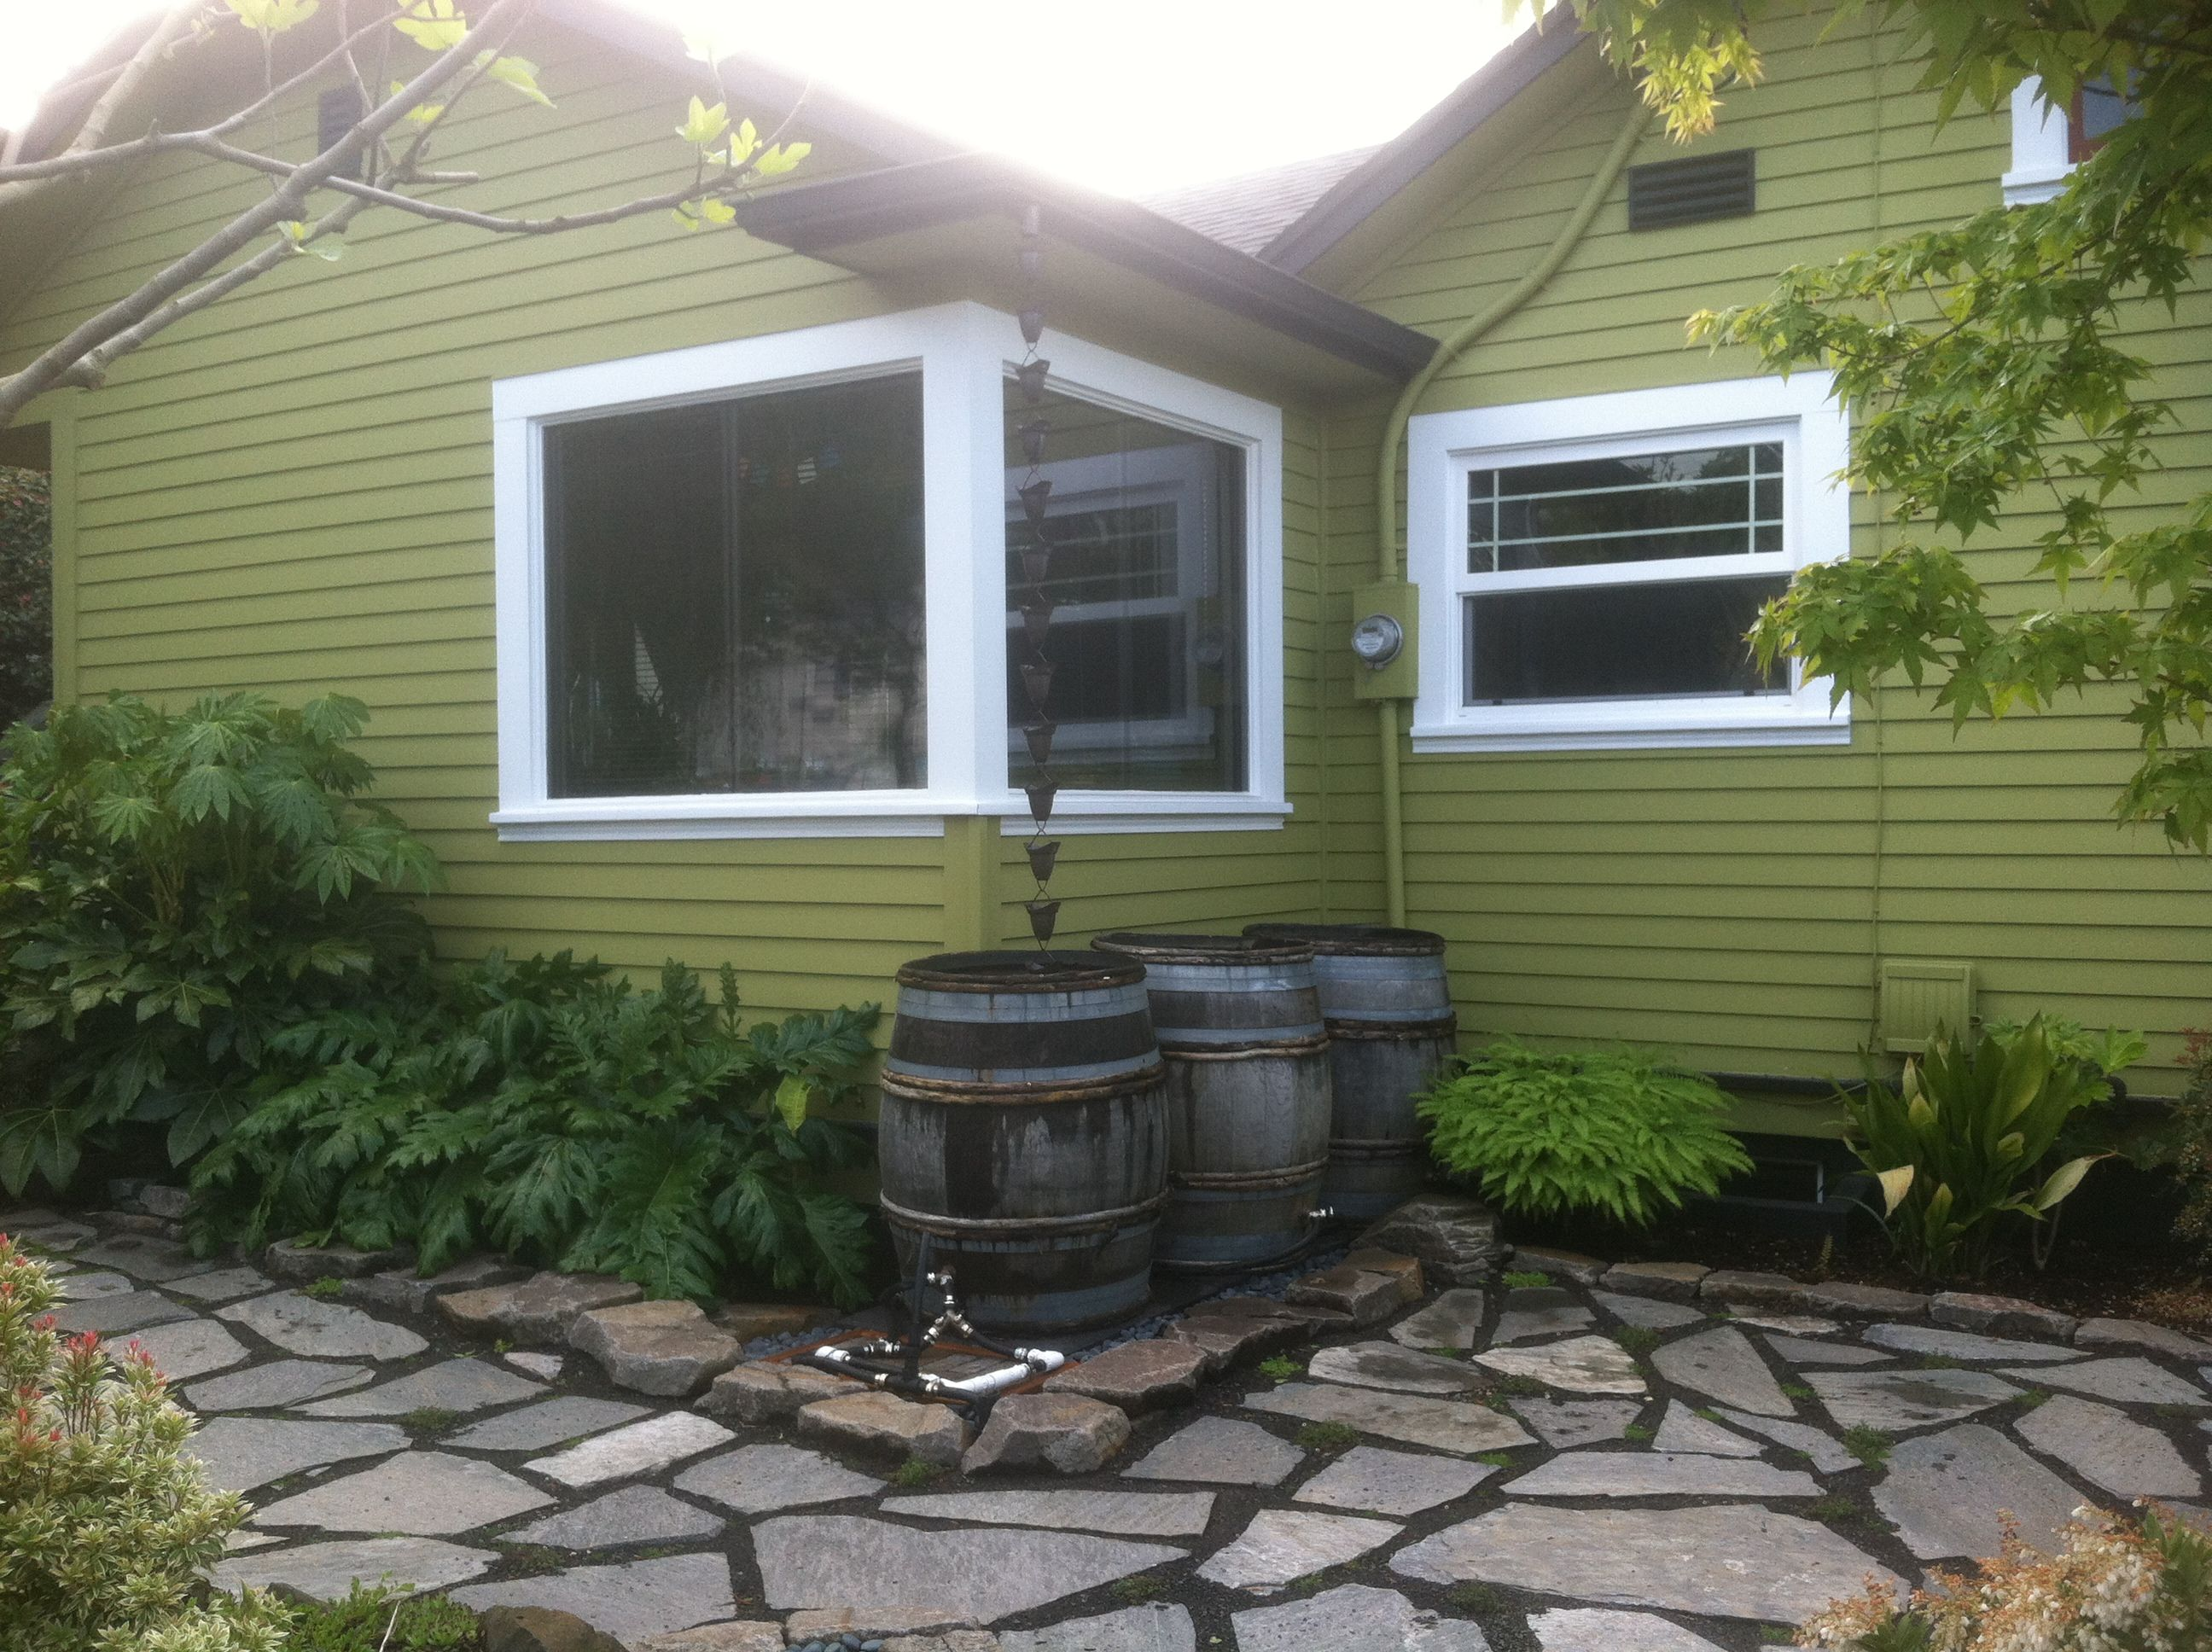 rain barrels in wine barrels